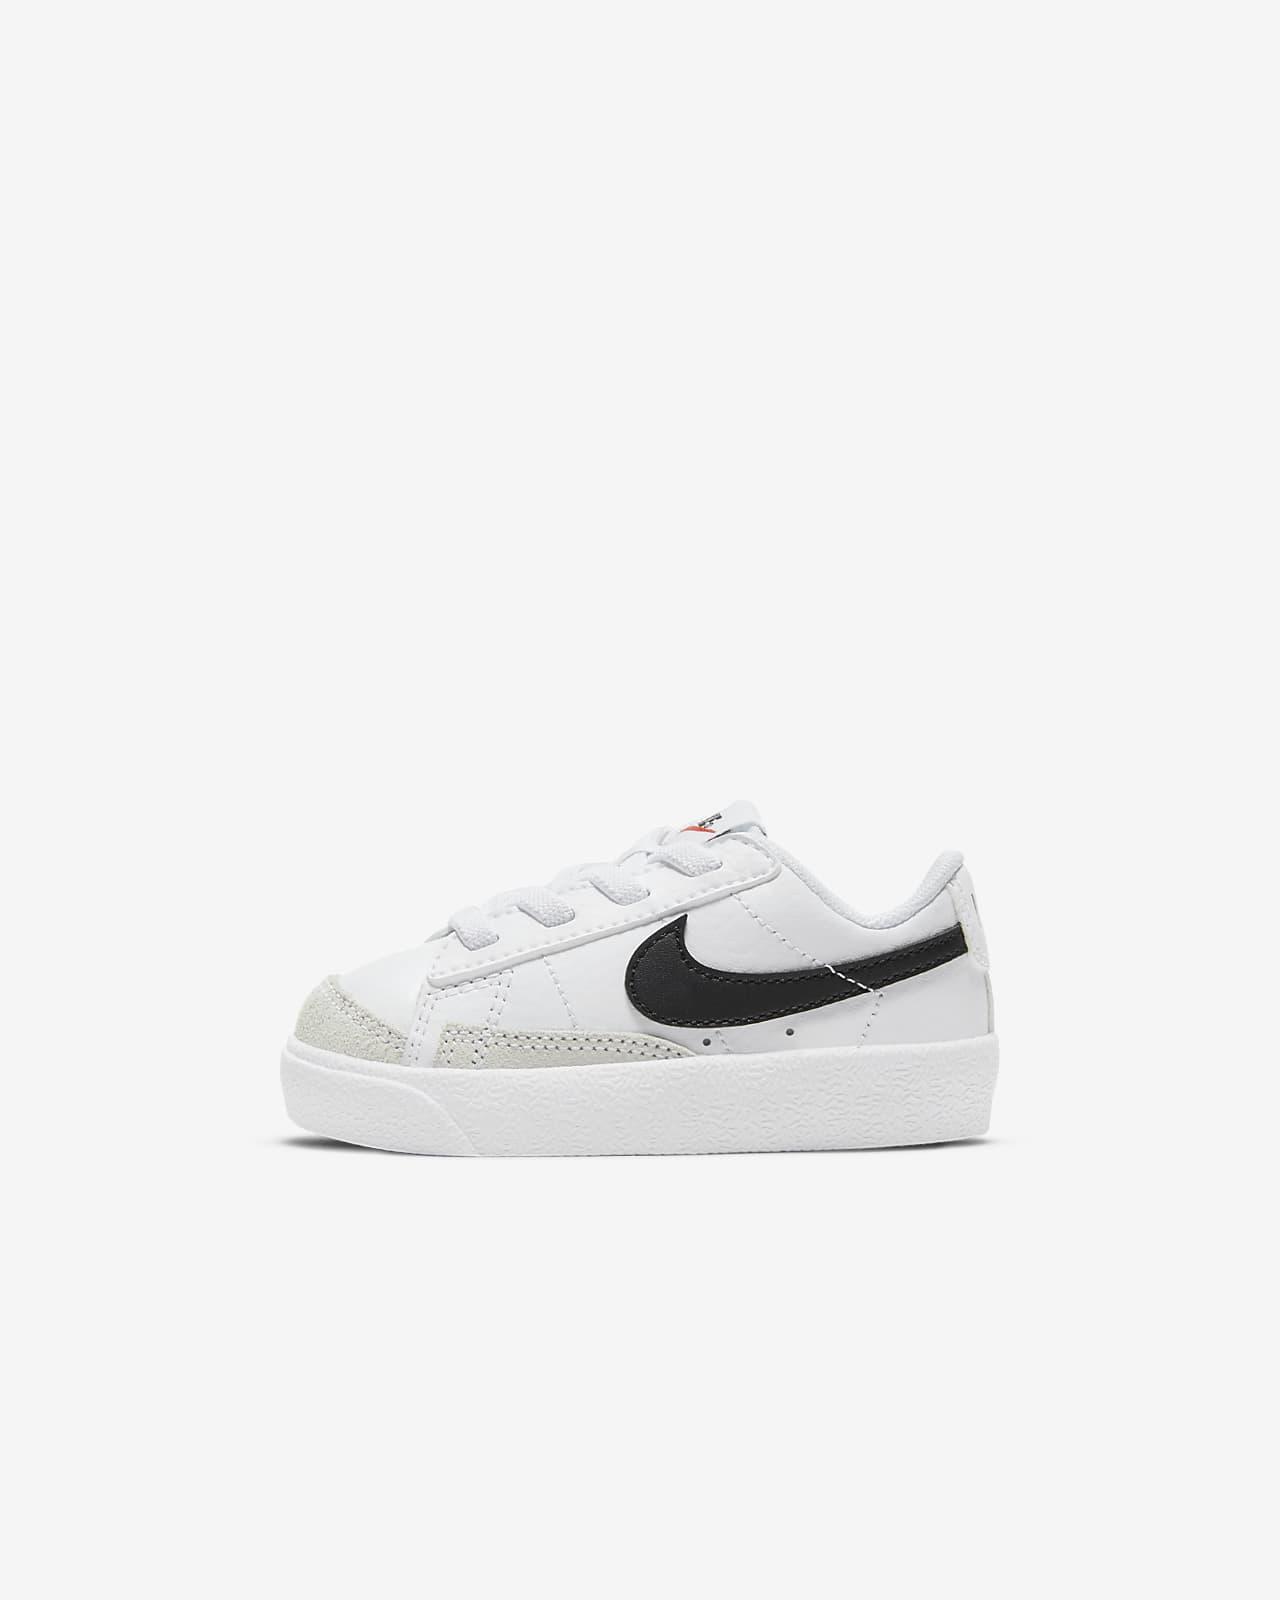 Nike Blazer Low '77 Baby/Toddler Shoe